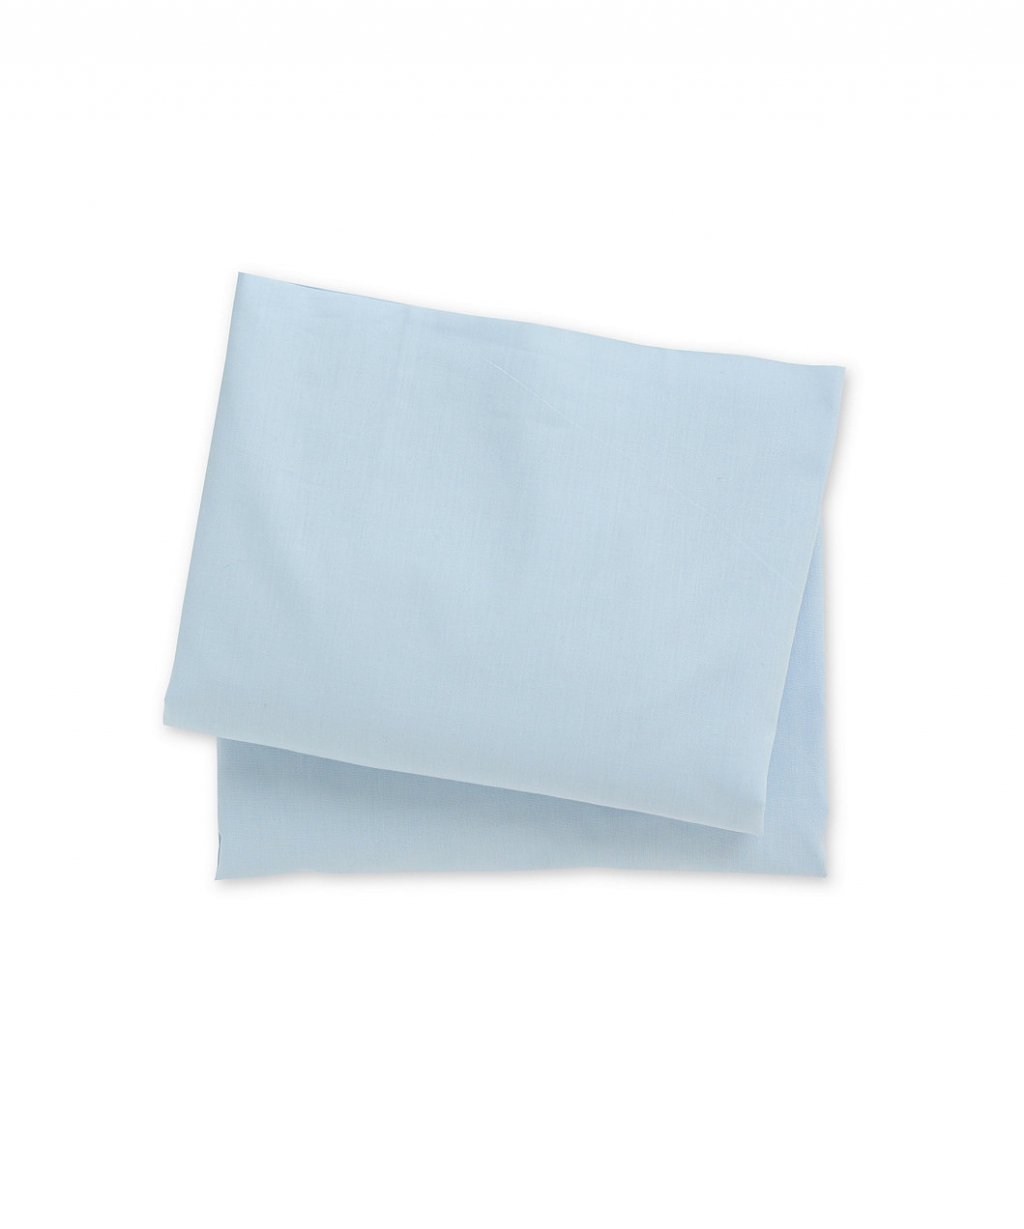 Простирадло на резинці 70 х 140 см - 2 шт. блакитний колір (Mothercare)